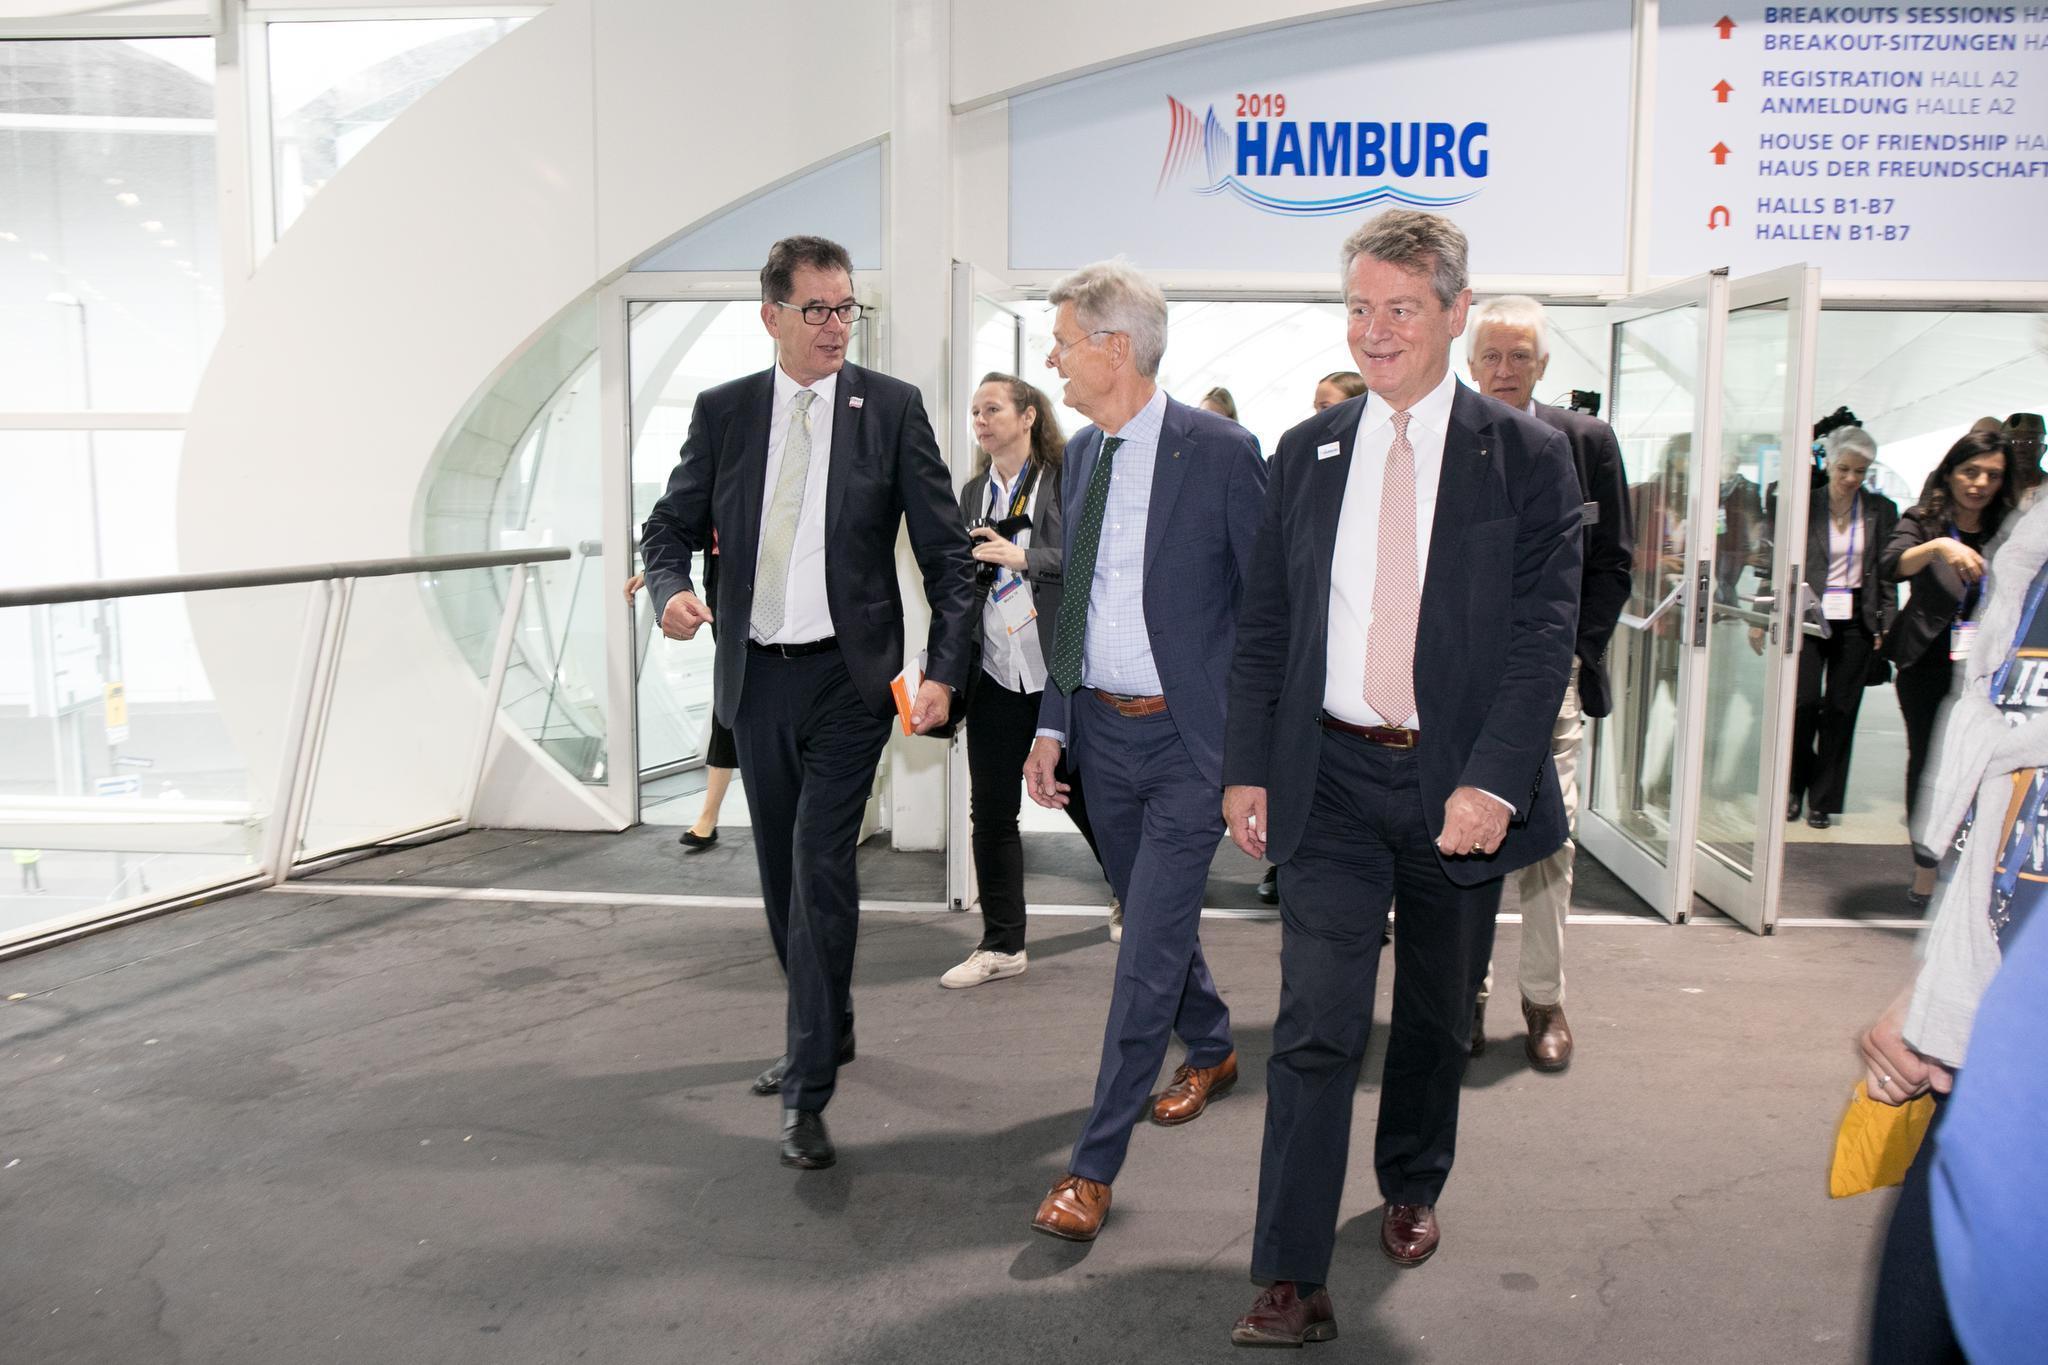 Andreas von Möller (rechts) mit Holger Knaack und Bundesentwicklungsminister Gerd Müller (links).FOTO: ROTARY INTERNATIONAL, MONIKA LOZINSKA